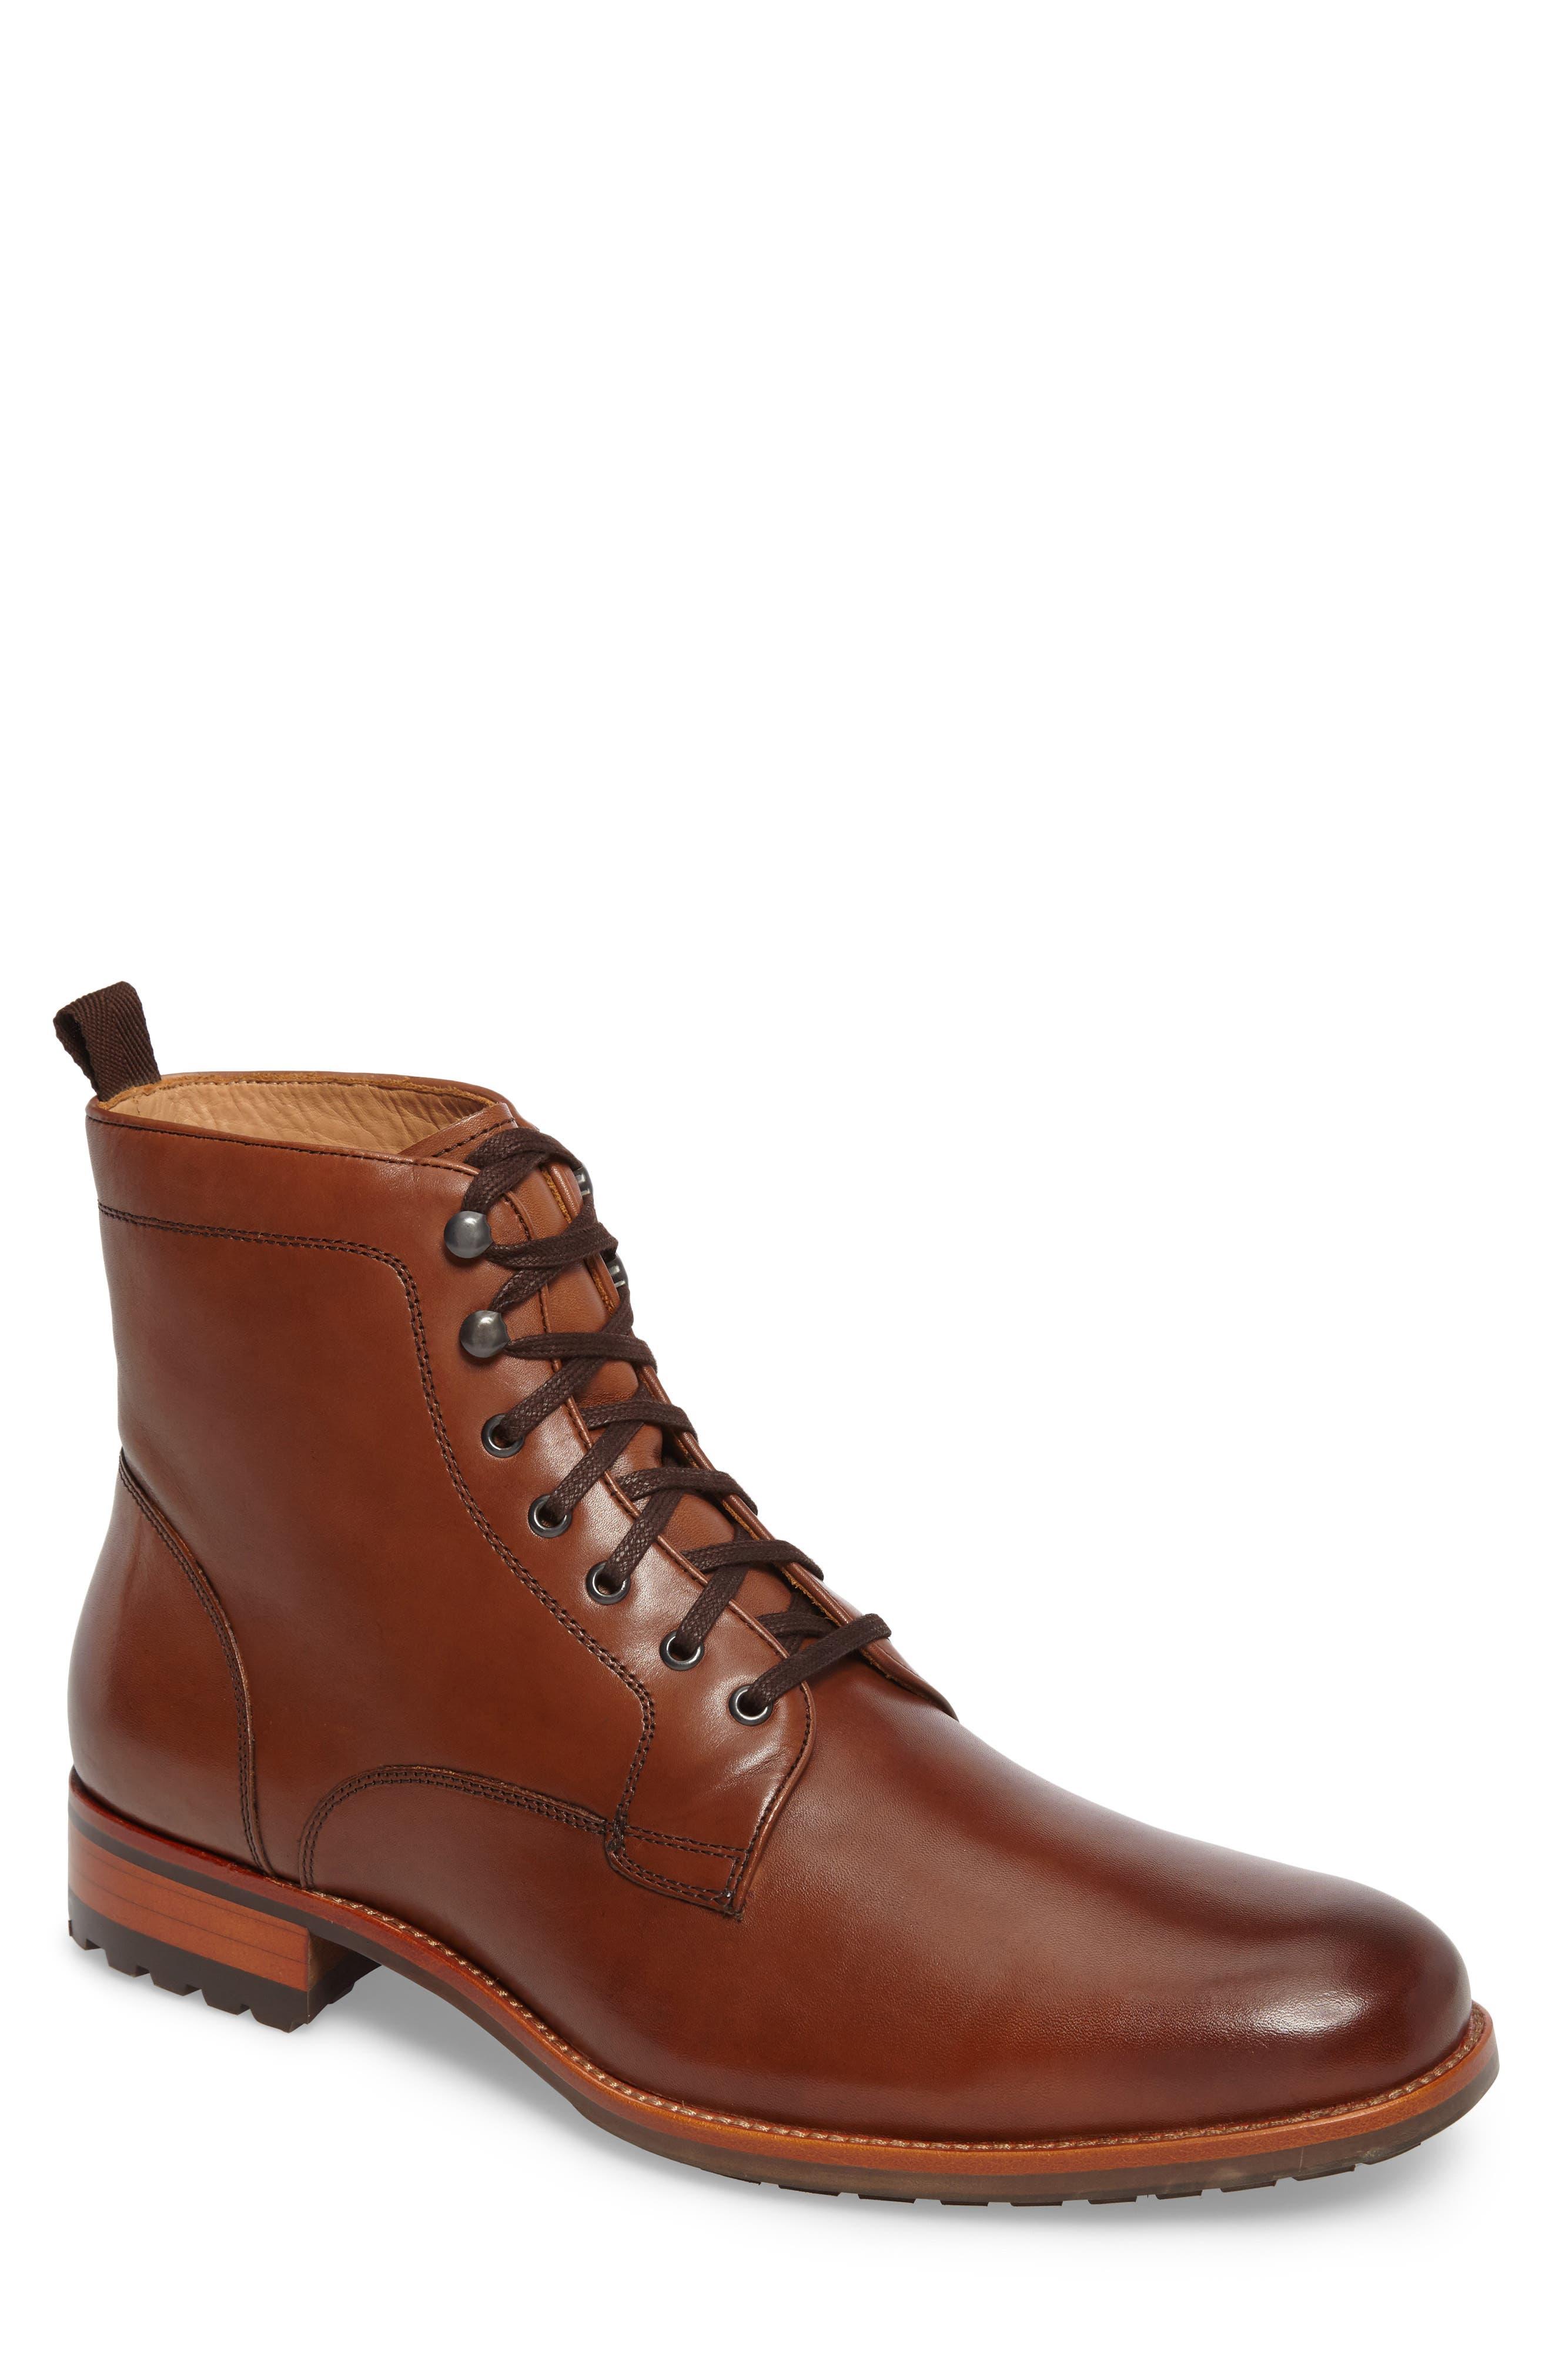 John W. Nordstrom® Axeford Plain Toe Boot (Men)